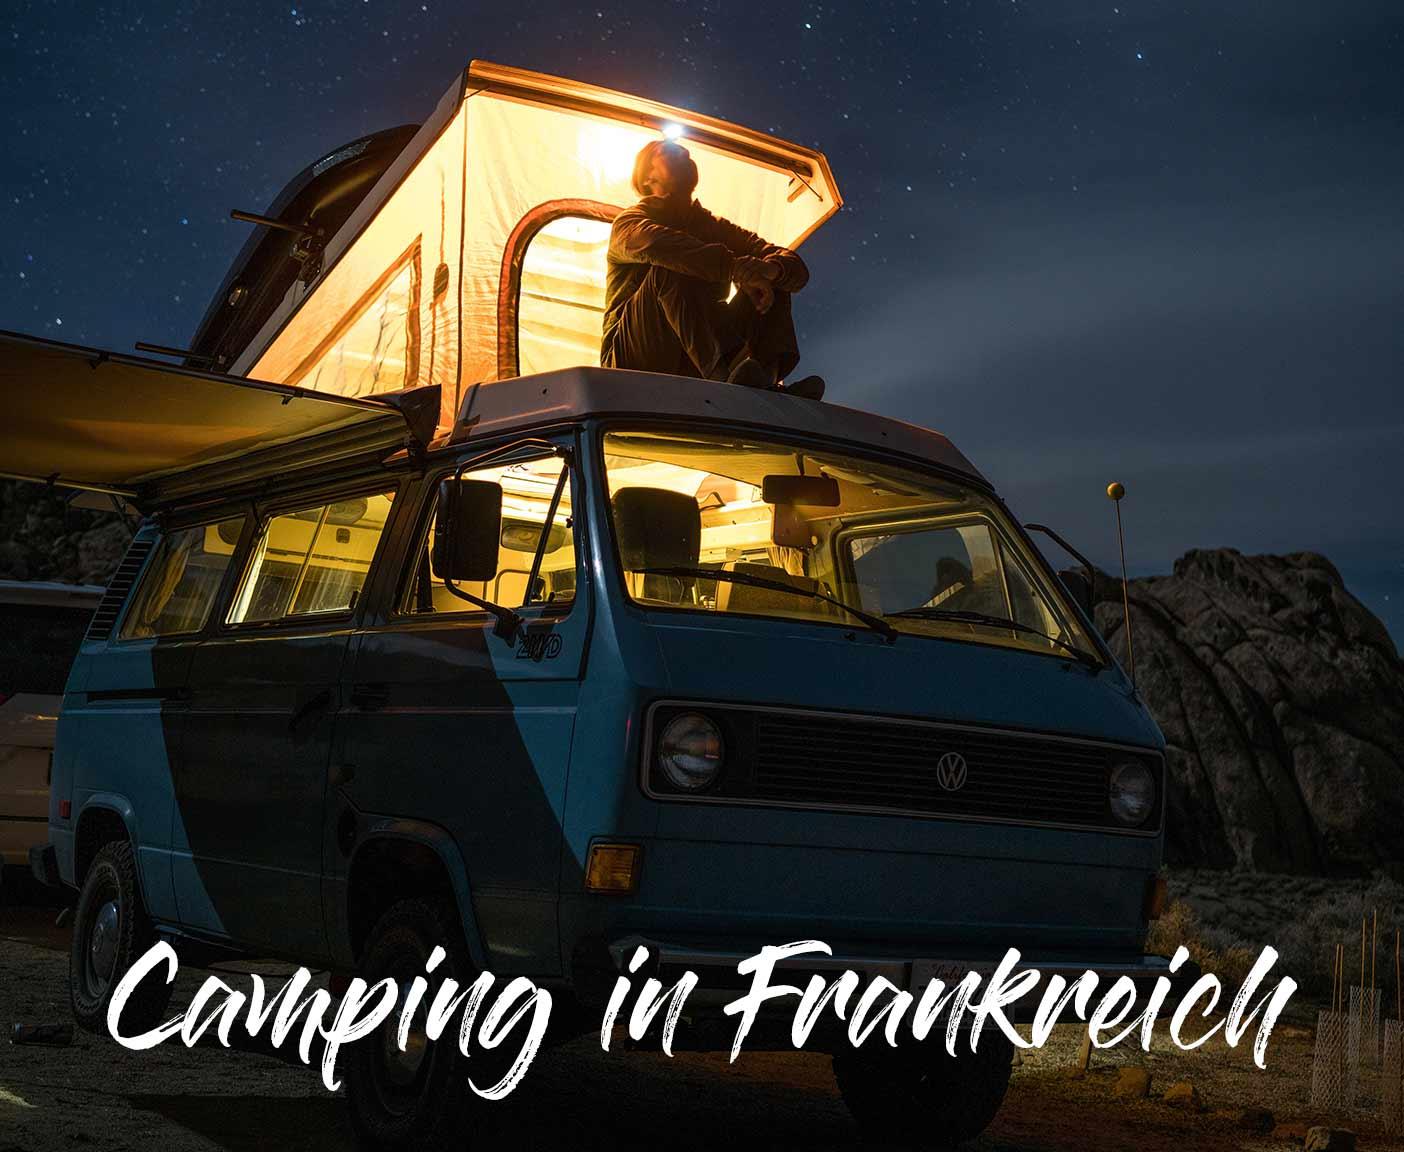 camping-frankreich-wildstehen-strafen-wohnmobil-camper